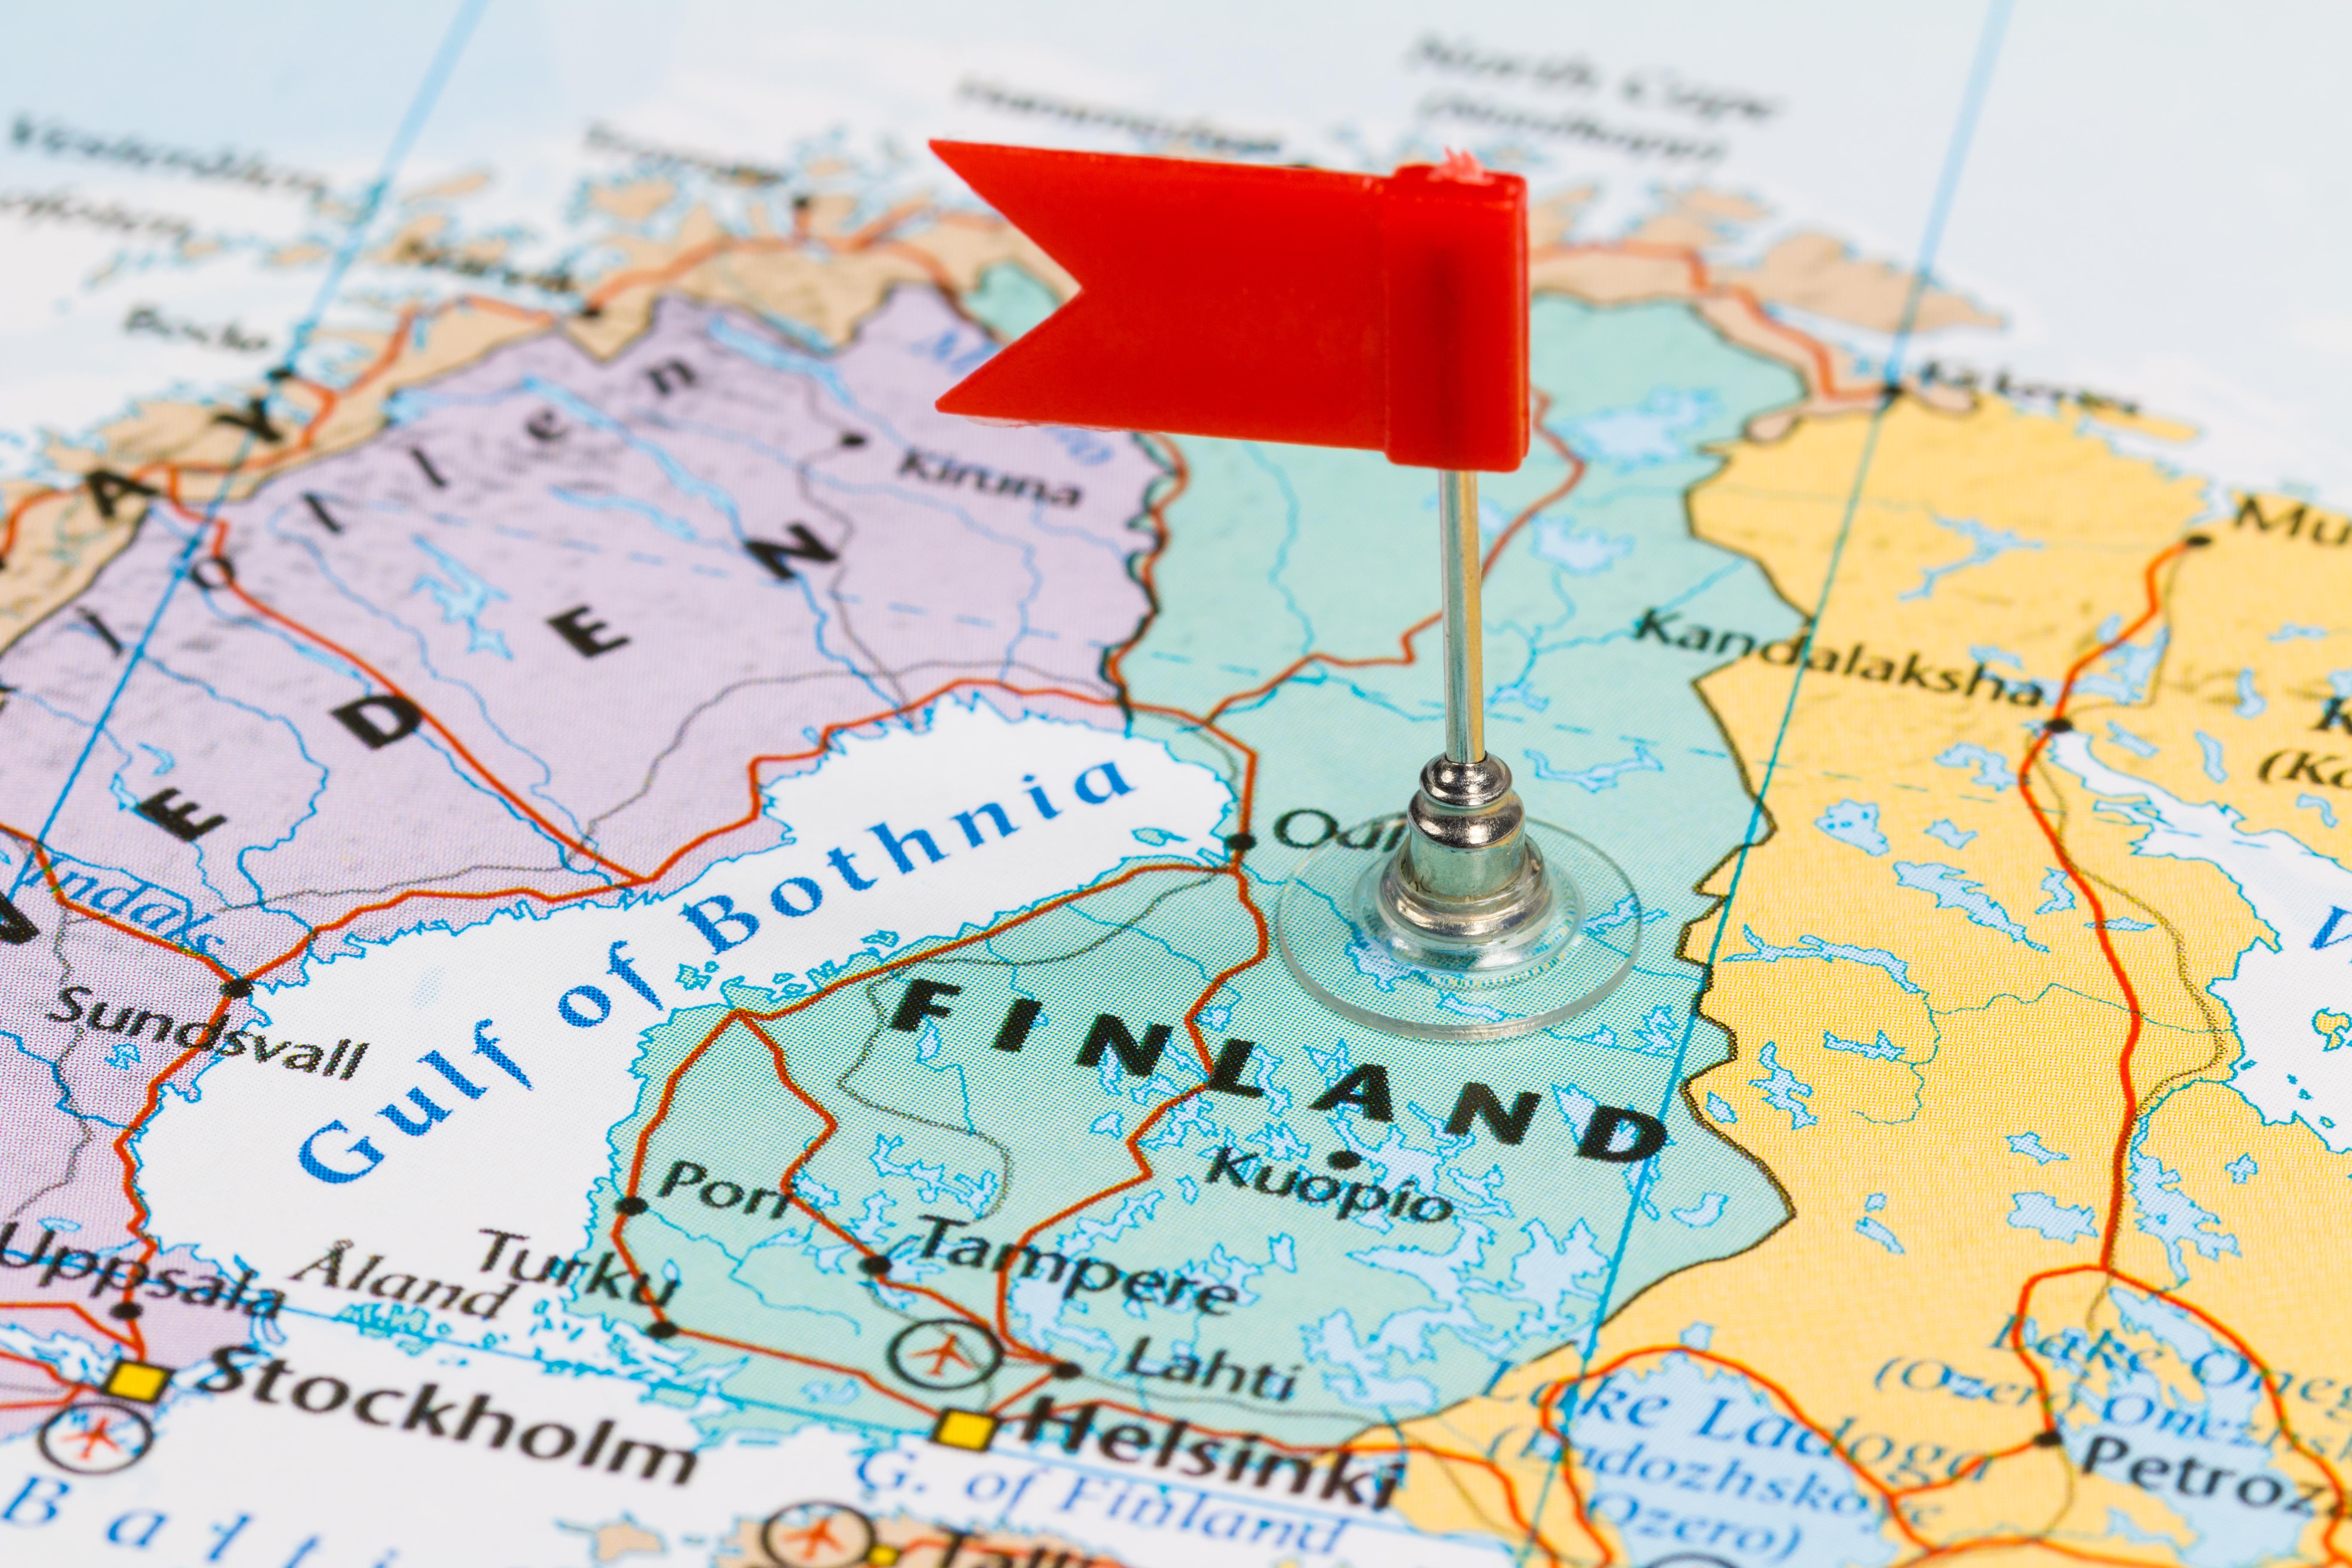 Карта Финляндии, куда иностранцам надо оформлять визу для работы